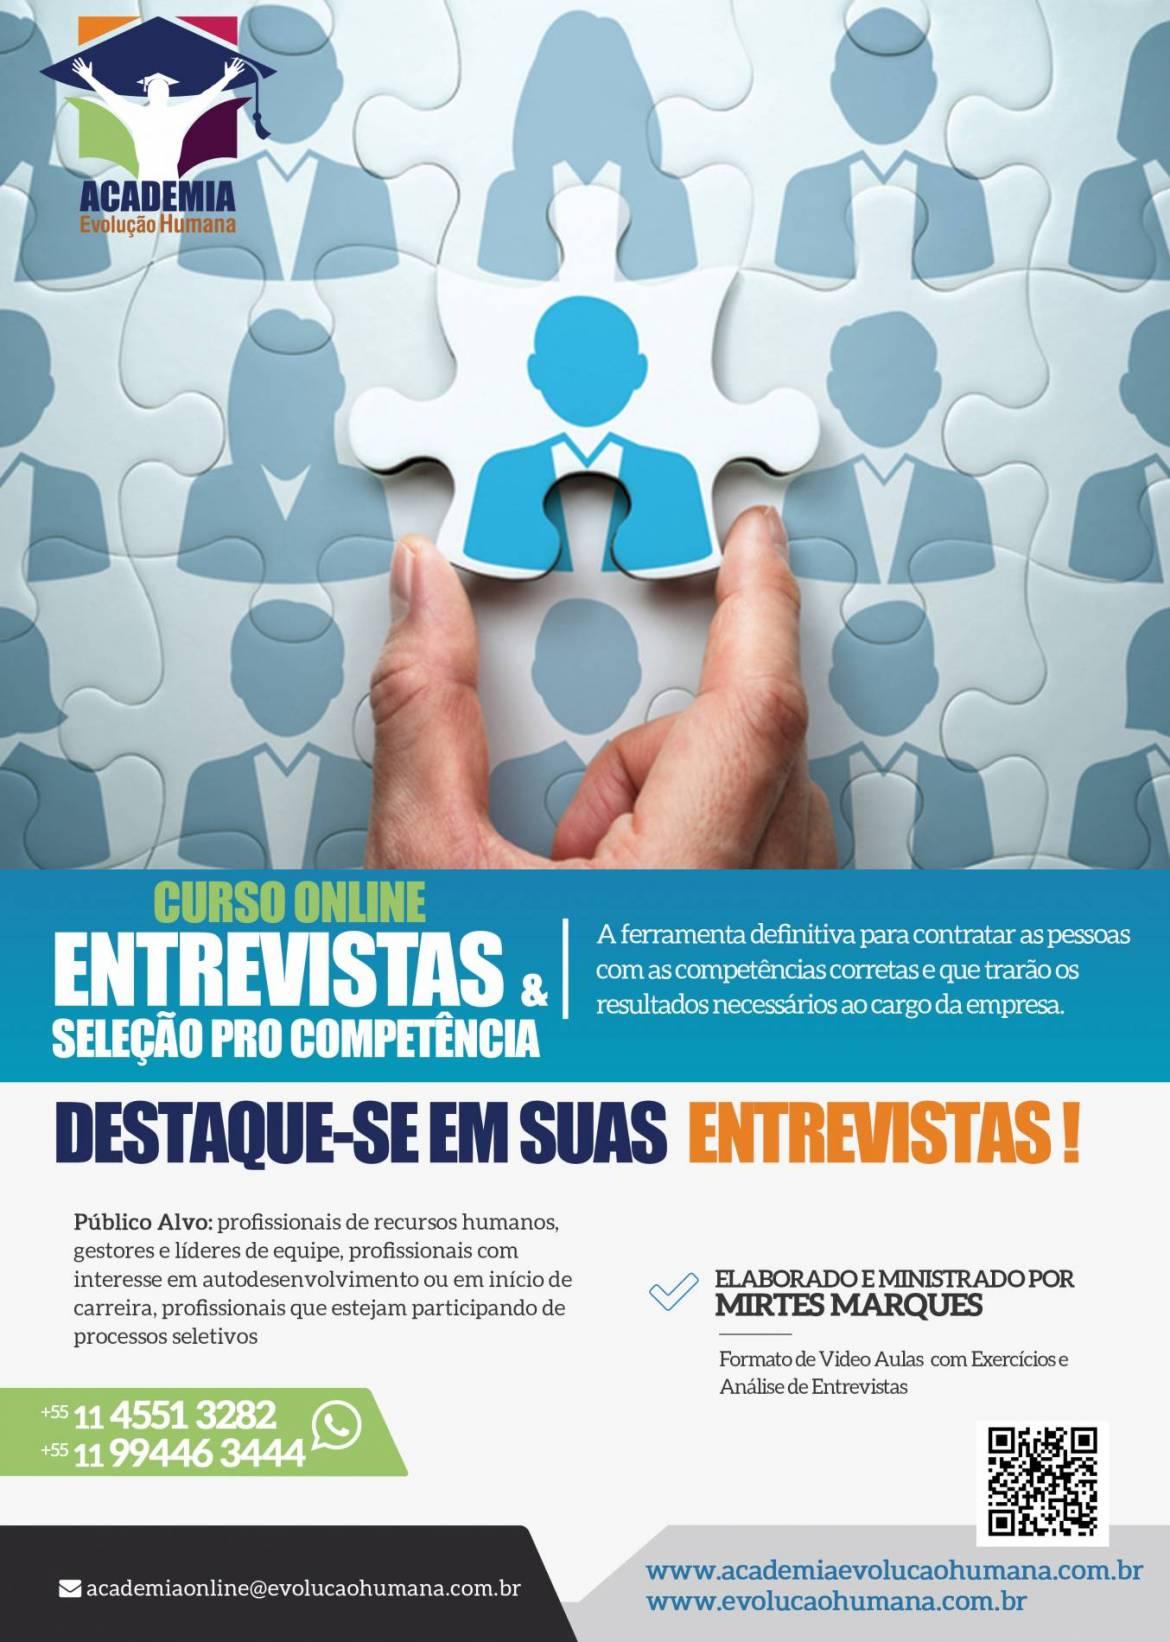 Entrevistas-e-Seleção-por-Competências-completo-scaled.jpg